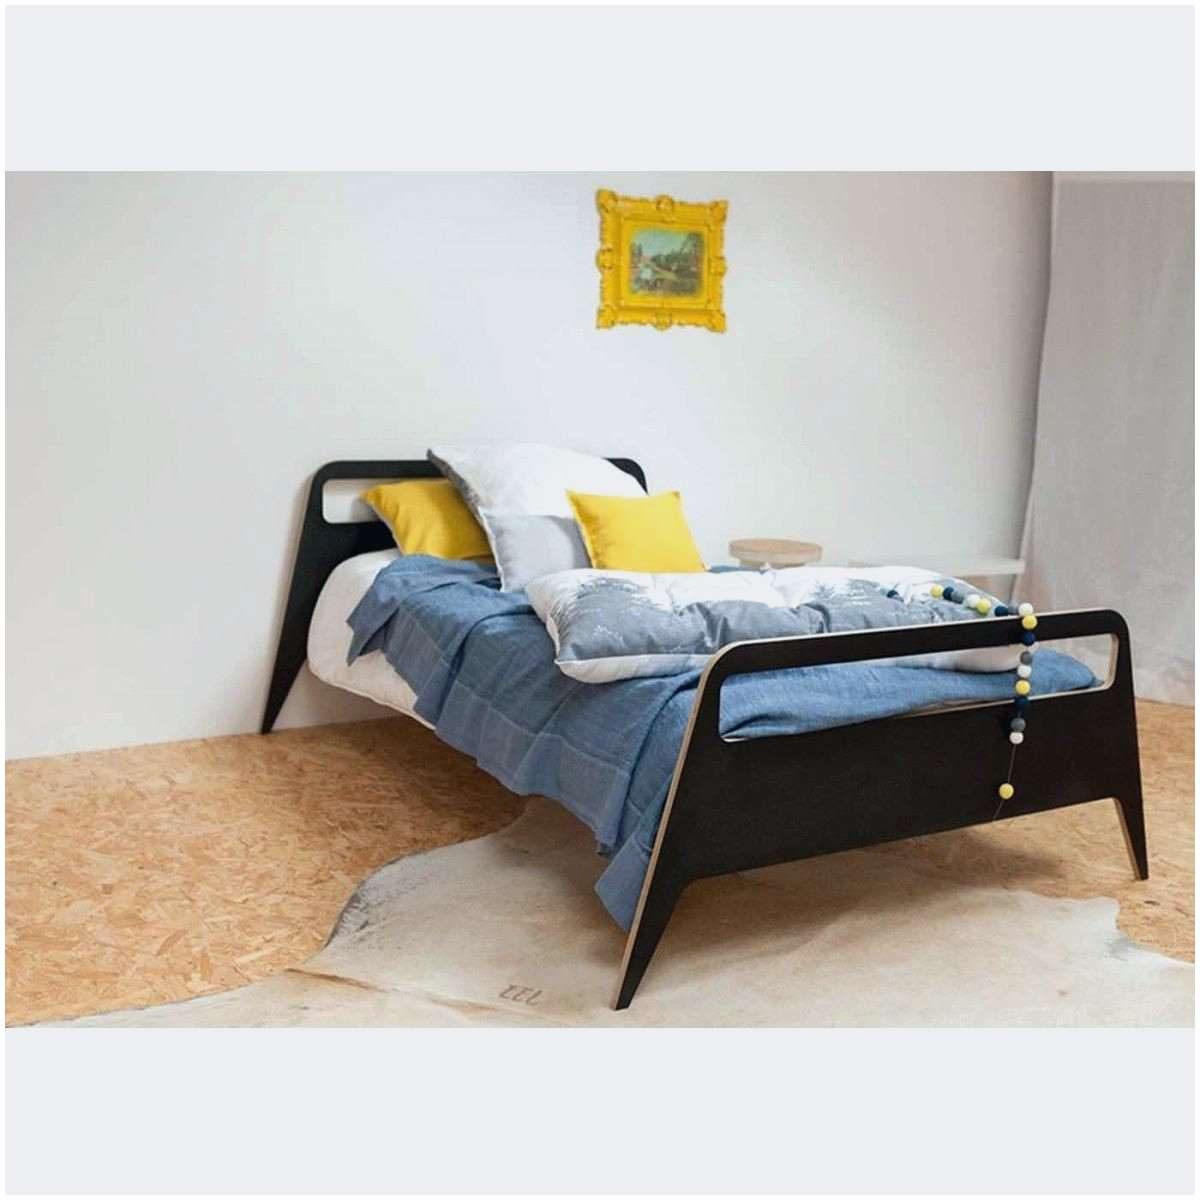 Parure De Lit 90×190 Impressionnant Elégant Lit Conforama Table Cher Cuir Parure Lit Reine Conforama